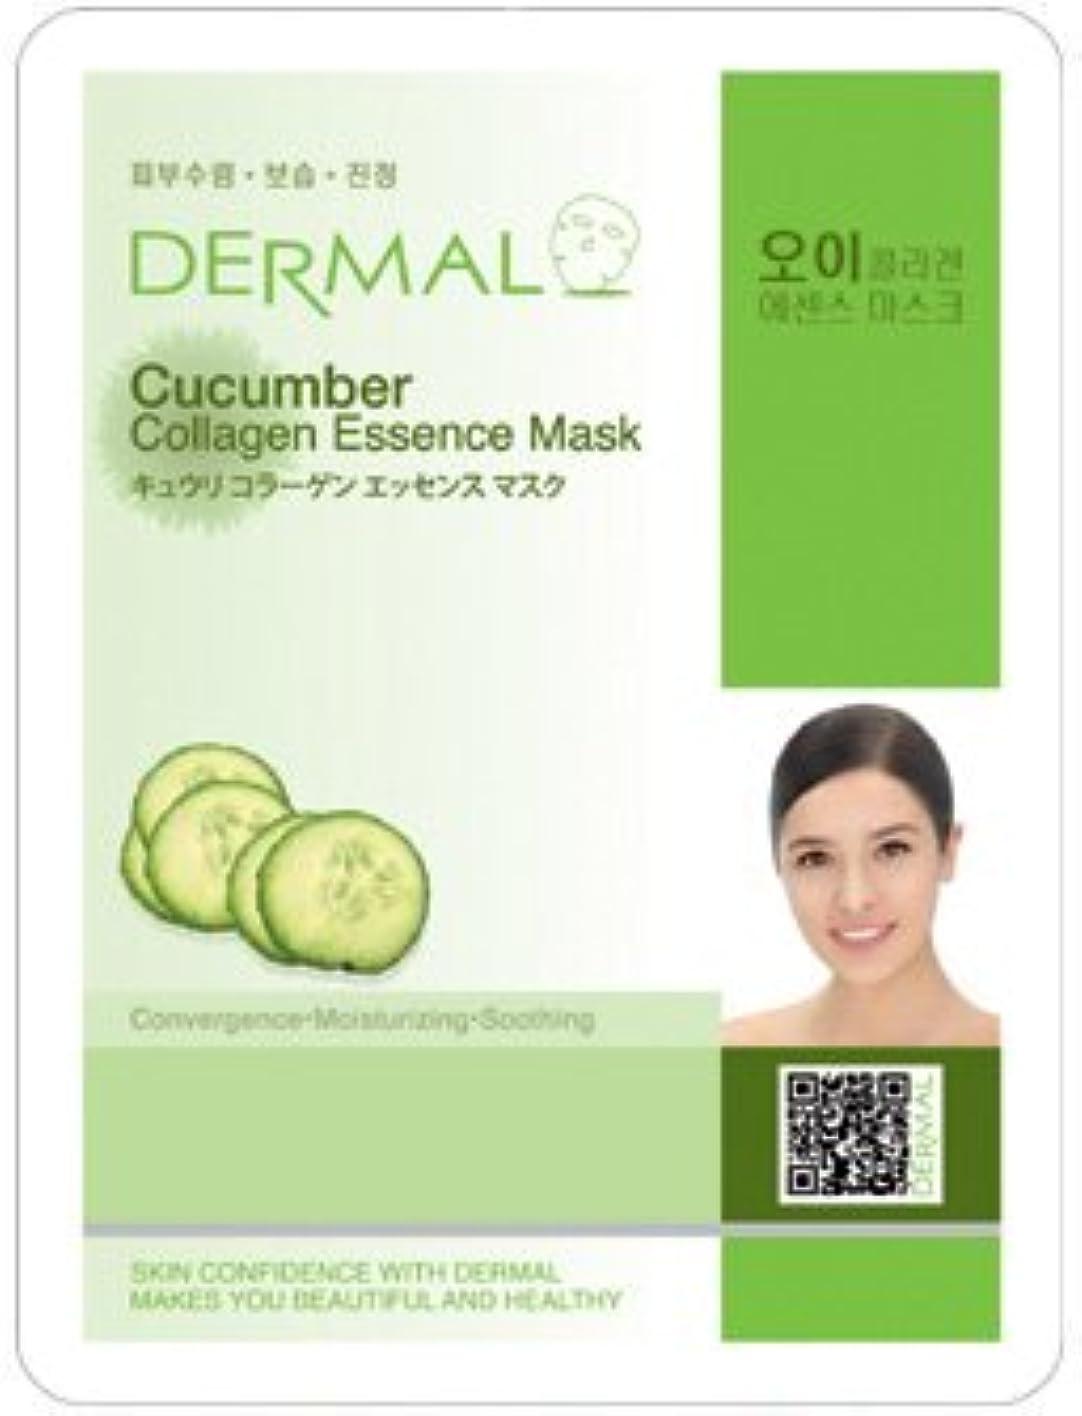 香りコンテンポラリー意気消沈したシートマスク キュウリ 100枚セット ダーマル(Dermal) フェイス パック